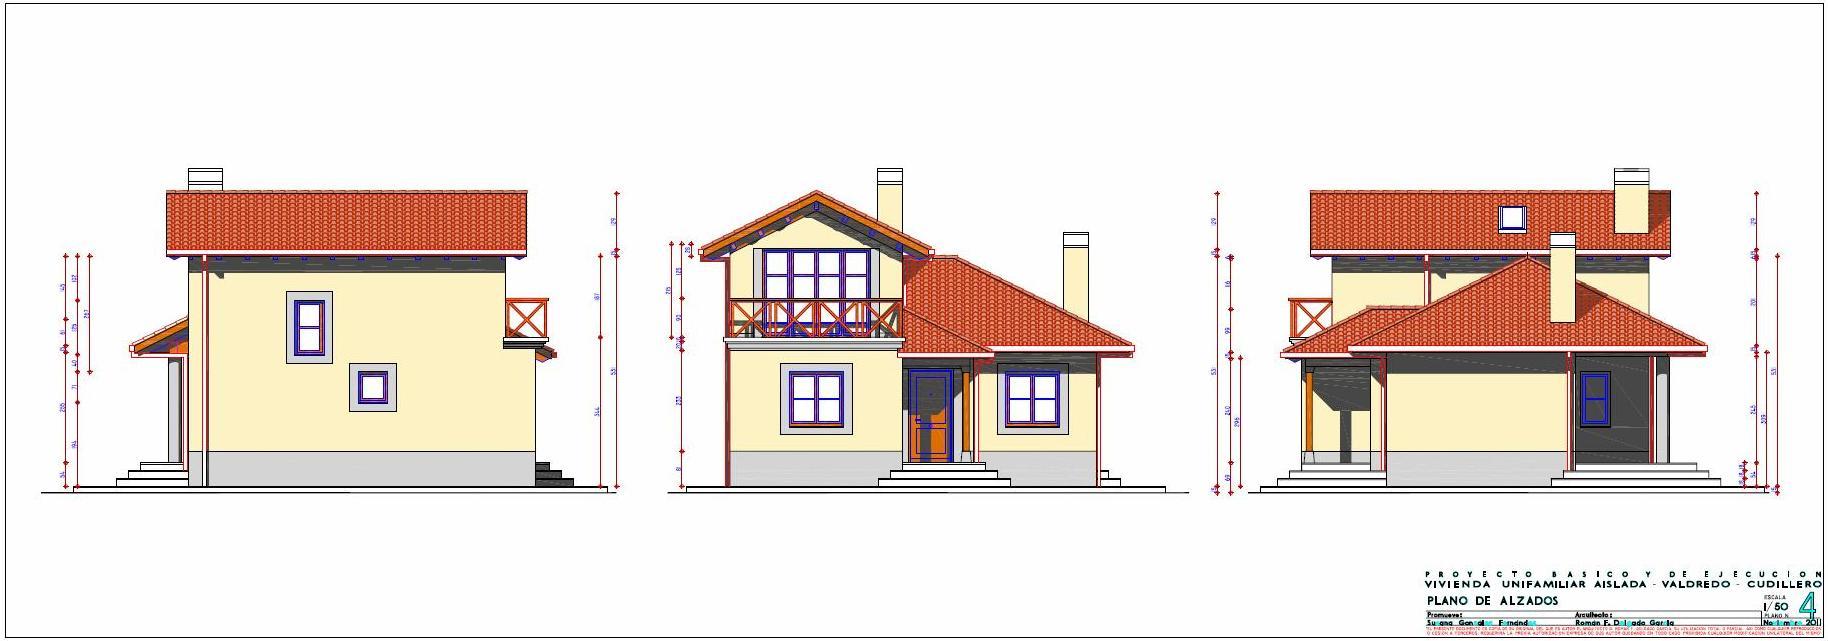 Perfect viviendas unifamiliares pequenas for Planos de viviendas unifamiliares